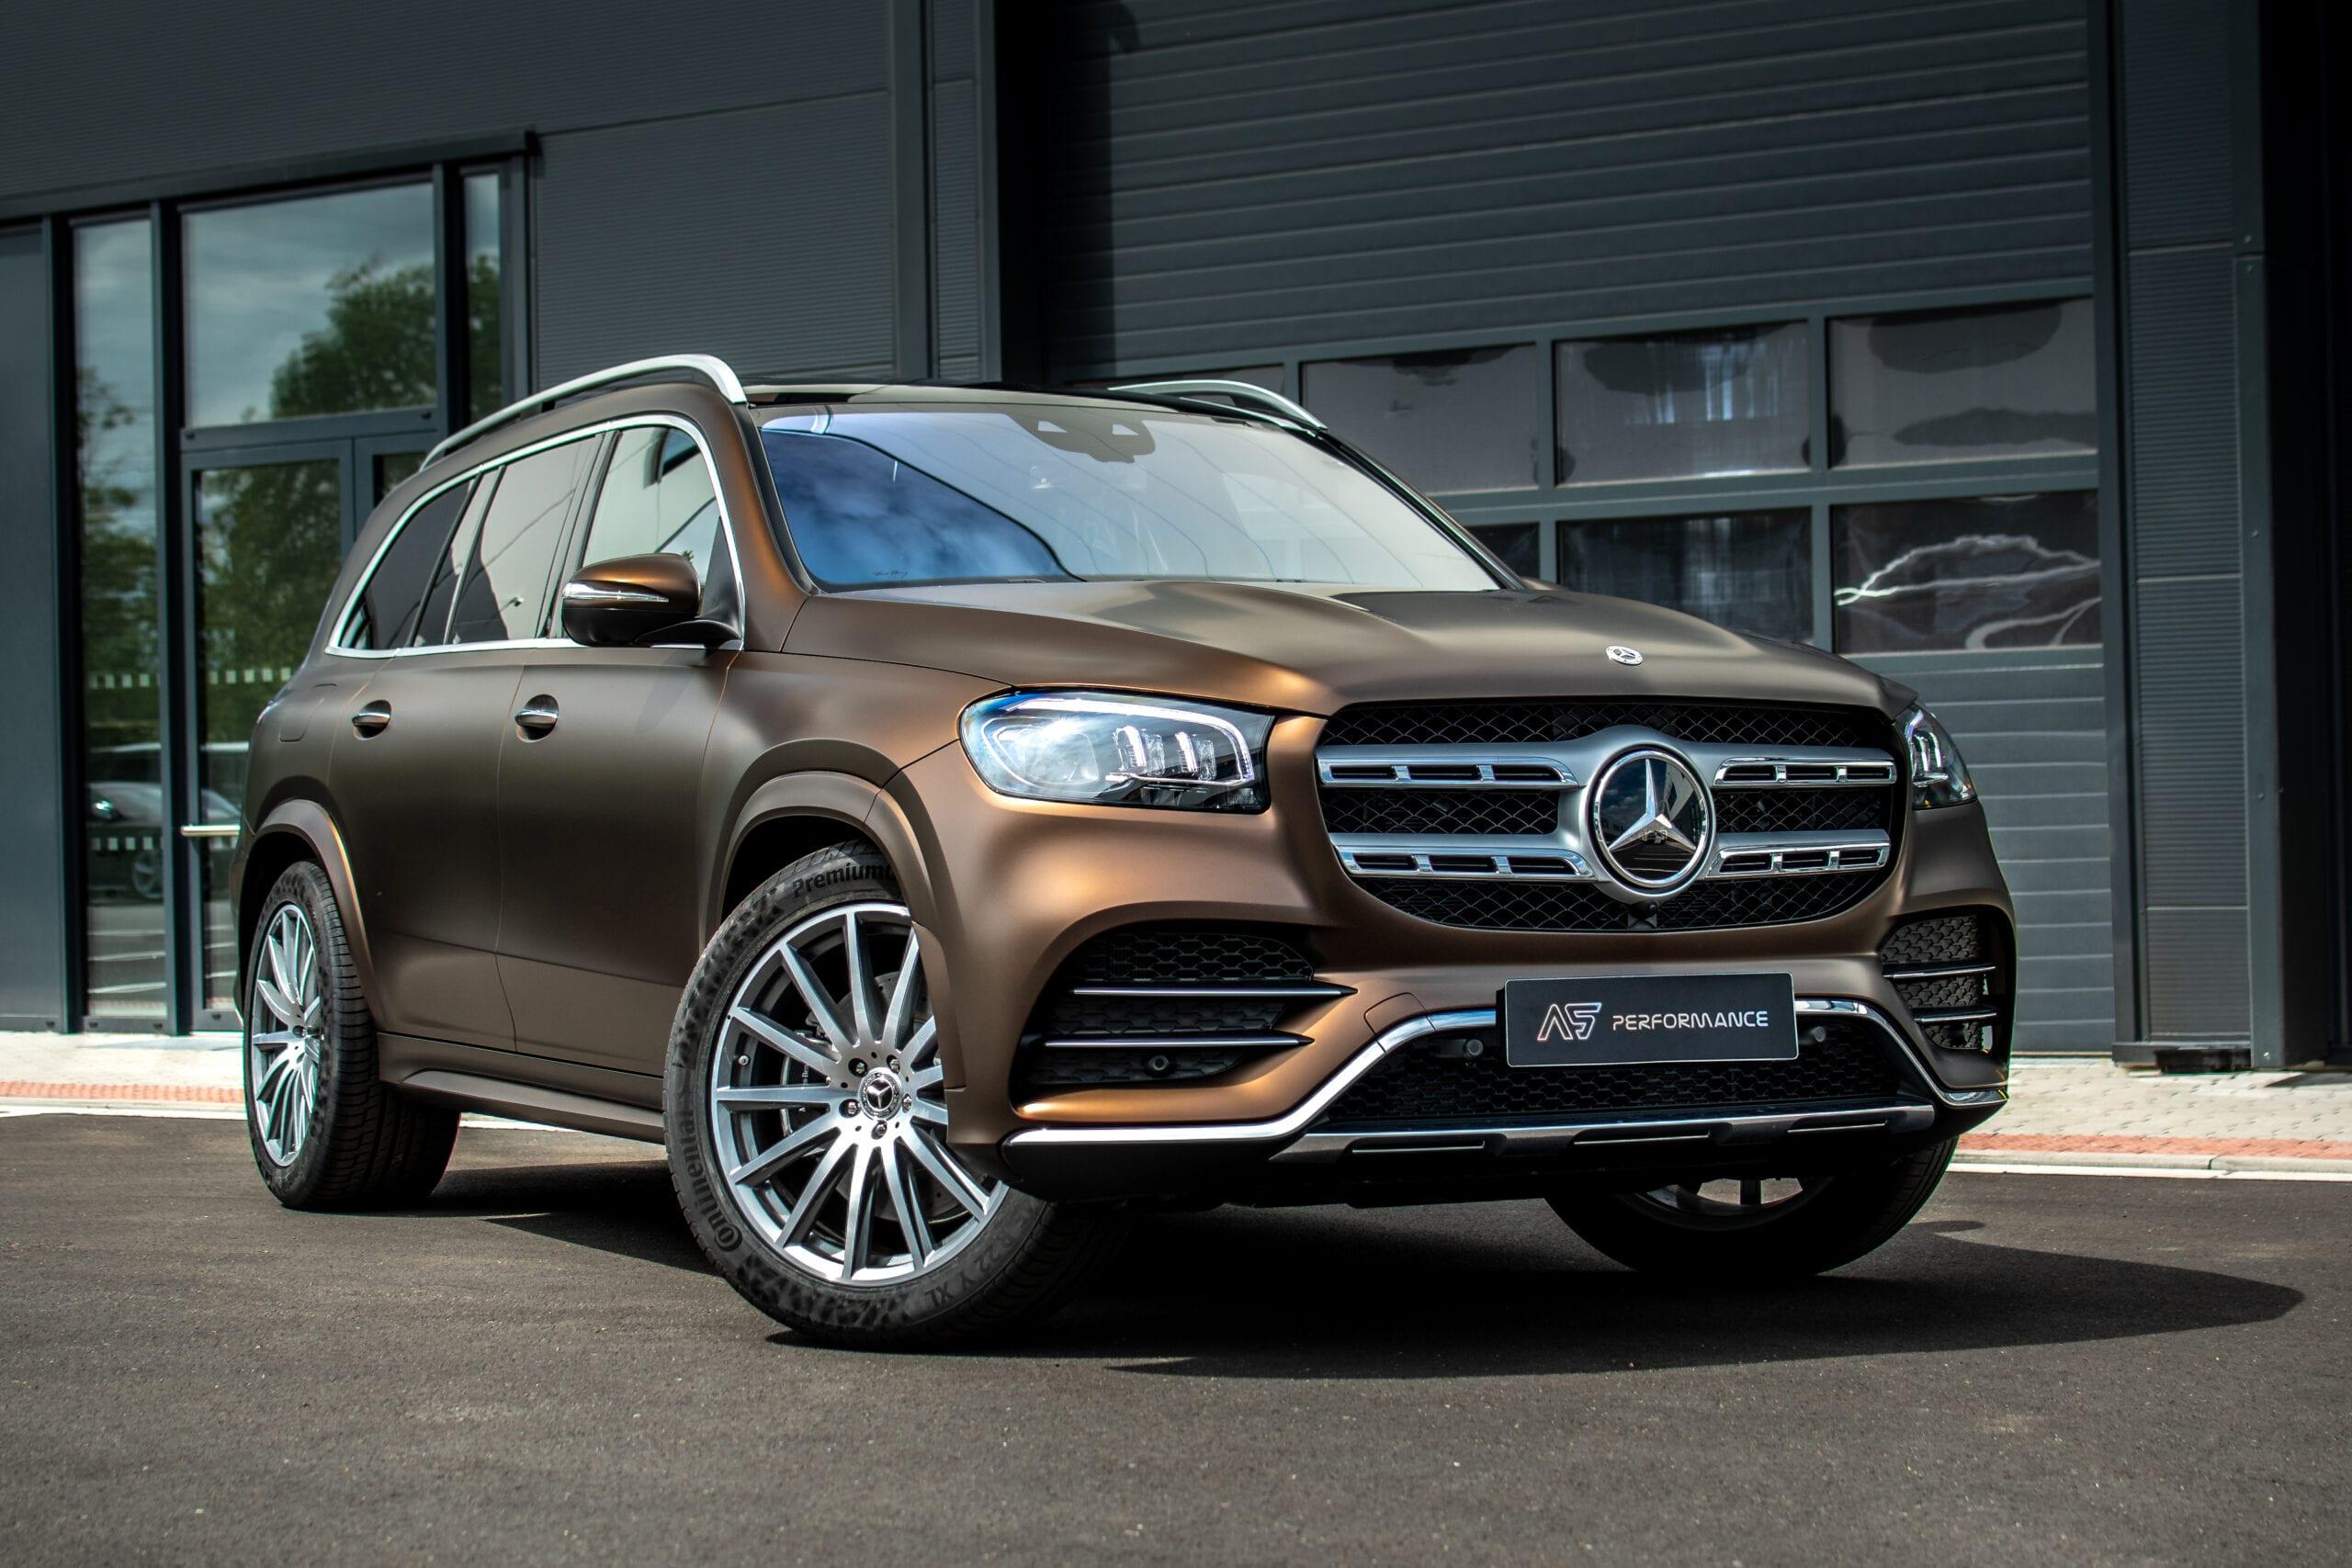 Mercedes Benz GLS celopolep